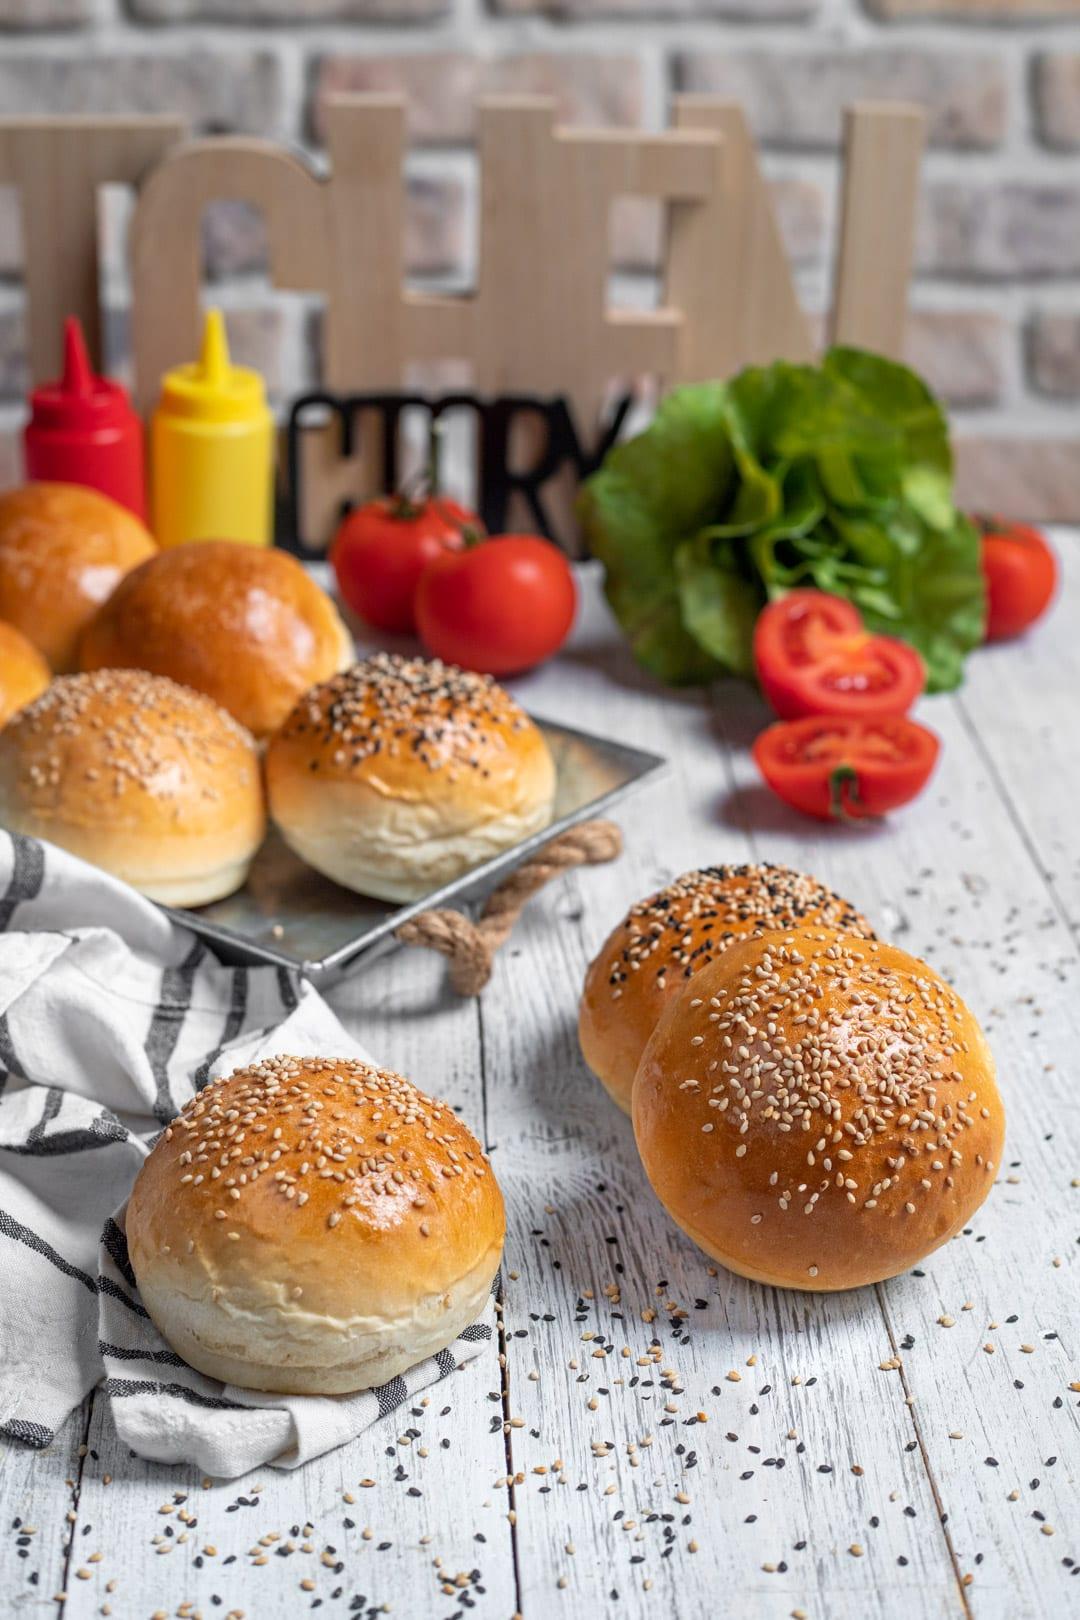 Panini per hamburger - burger buns